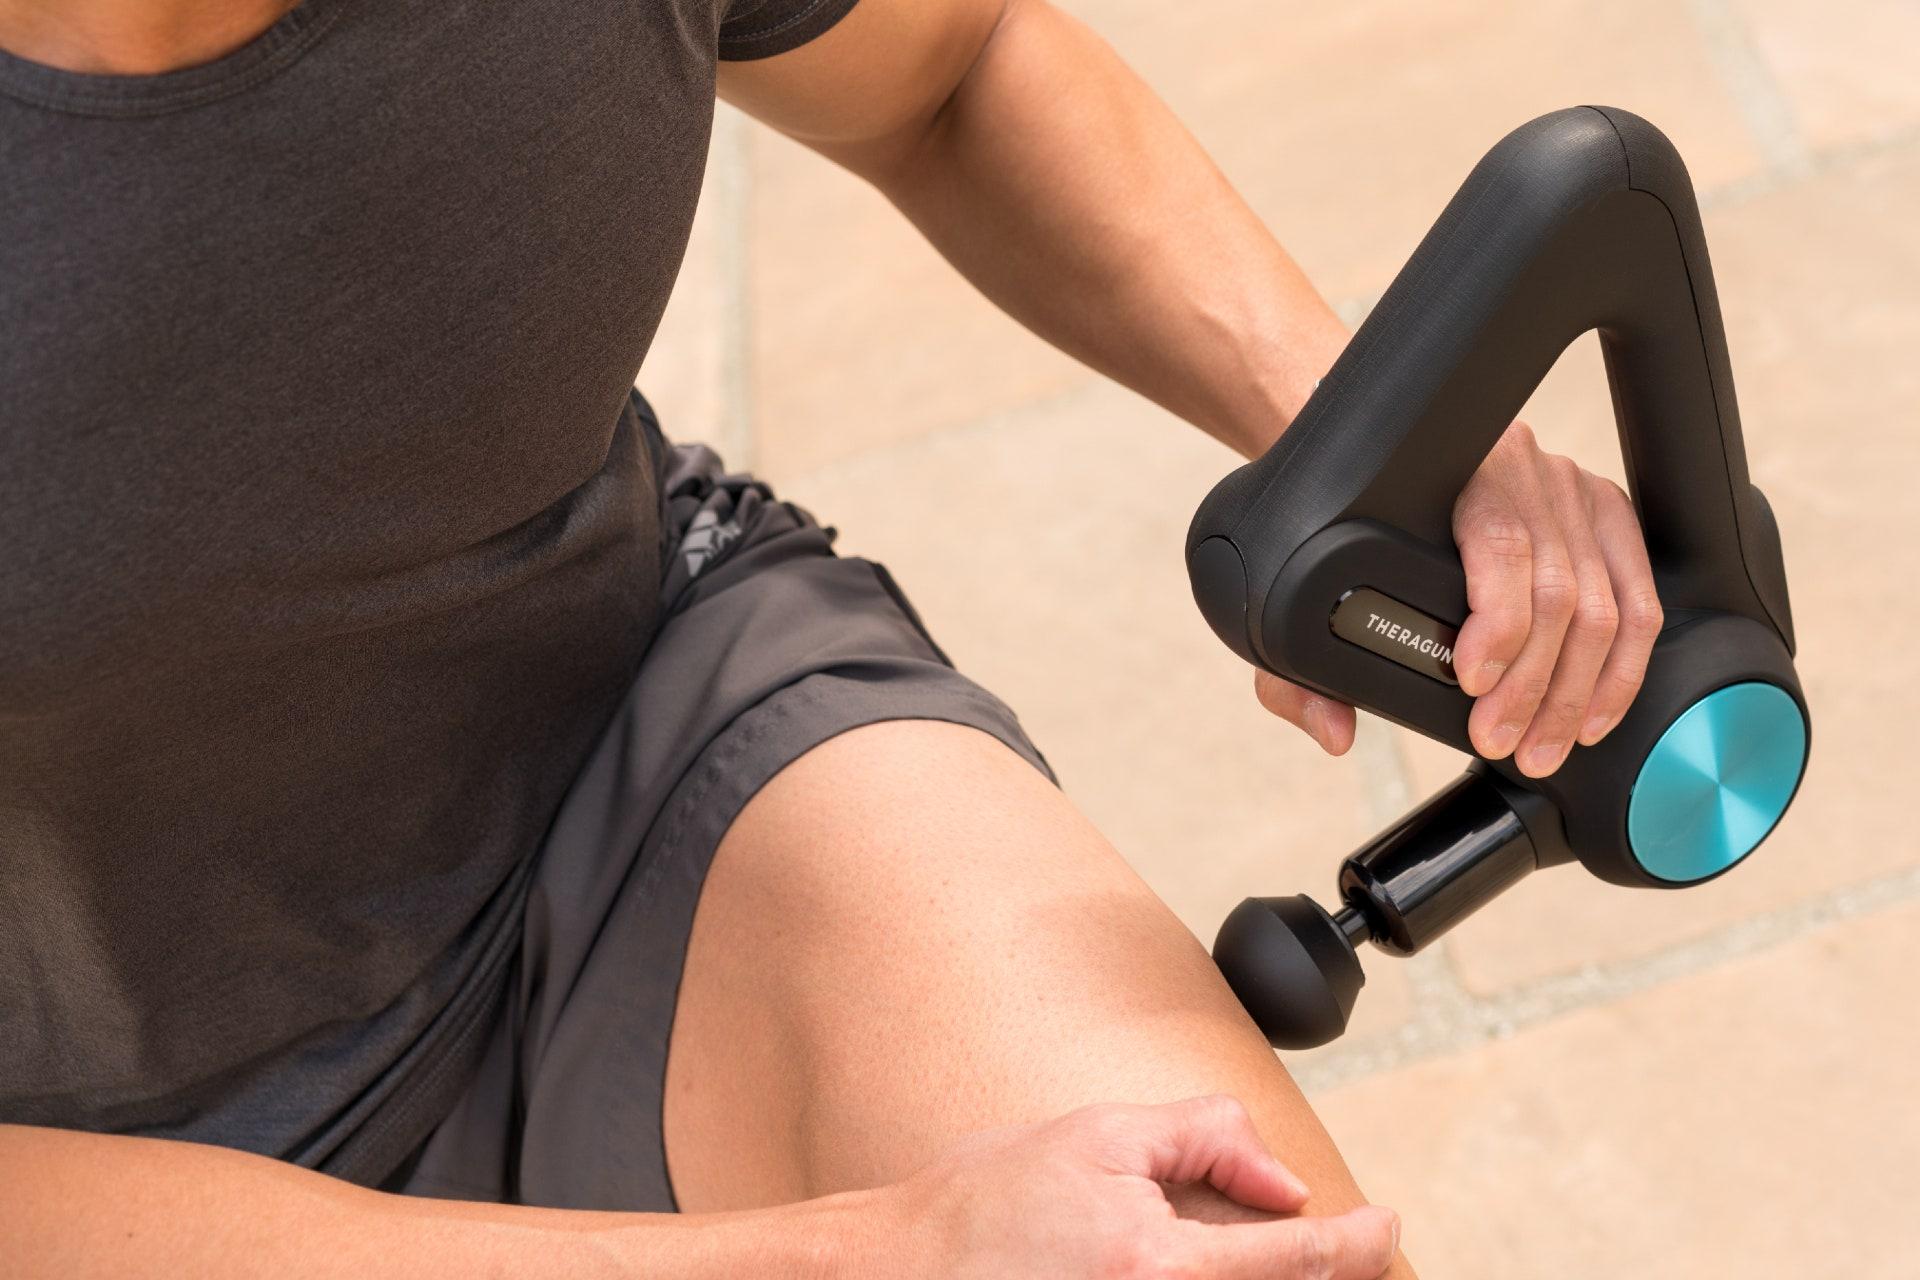 Pistola massaggiante Theragun per il recupero muscolare